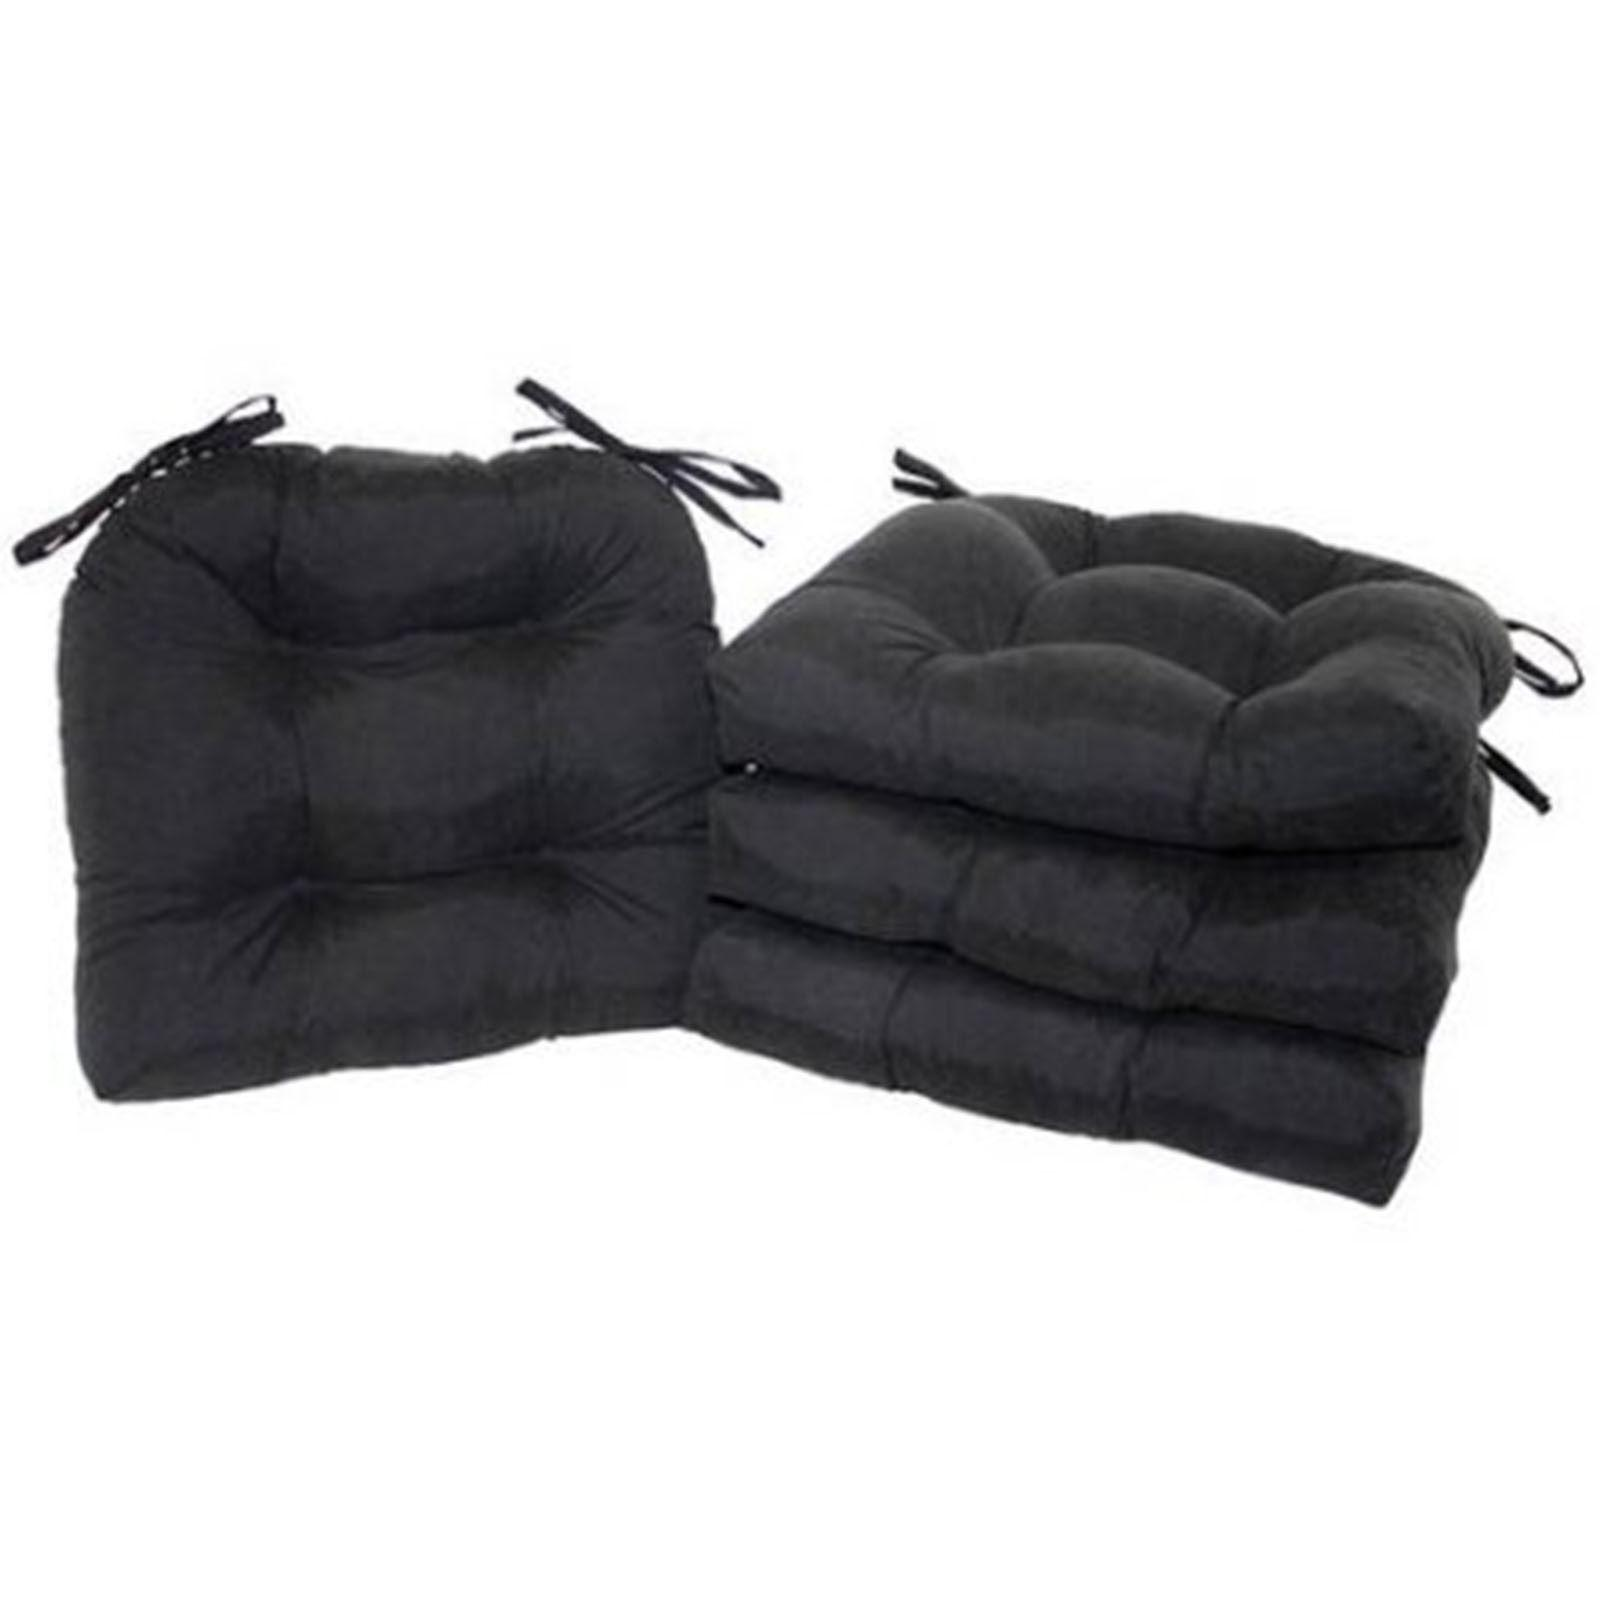 Patio Chair Cushion Set 4 Pad Garden Soft